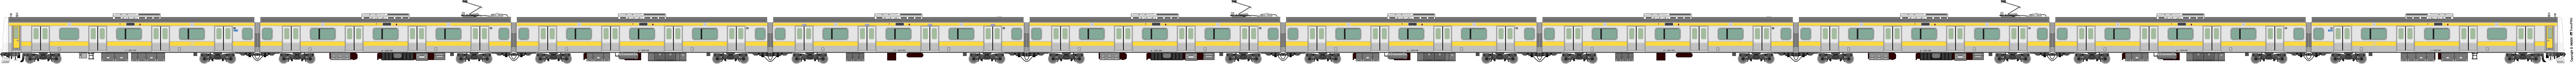 [5033] 東日本旅客鉄道 5033